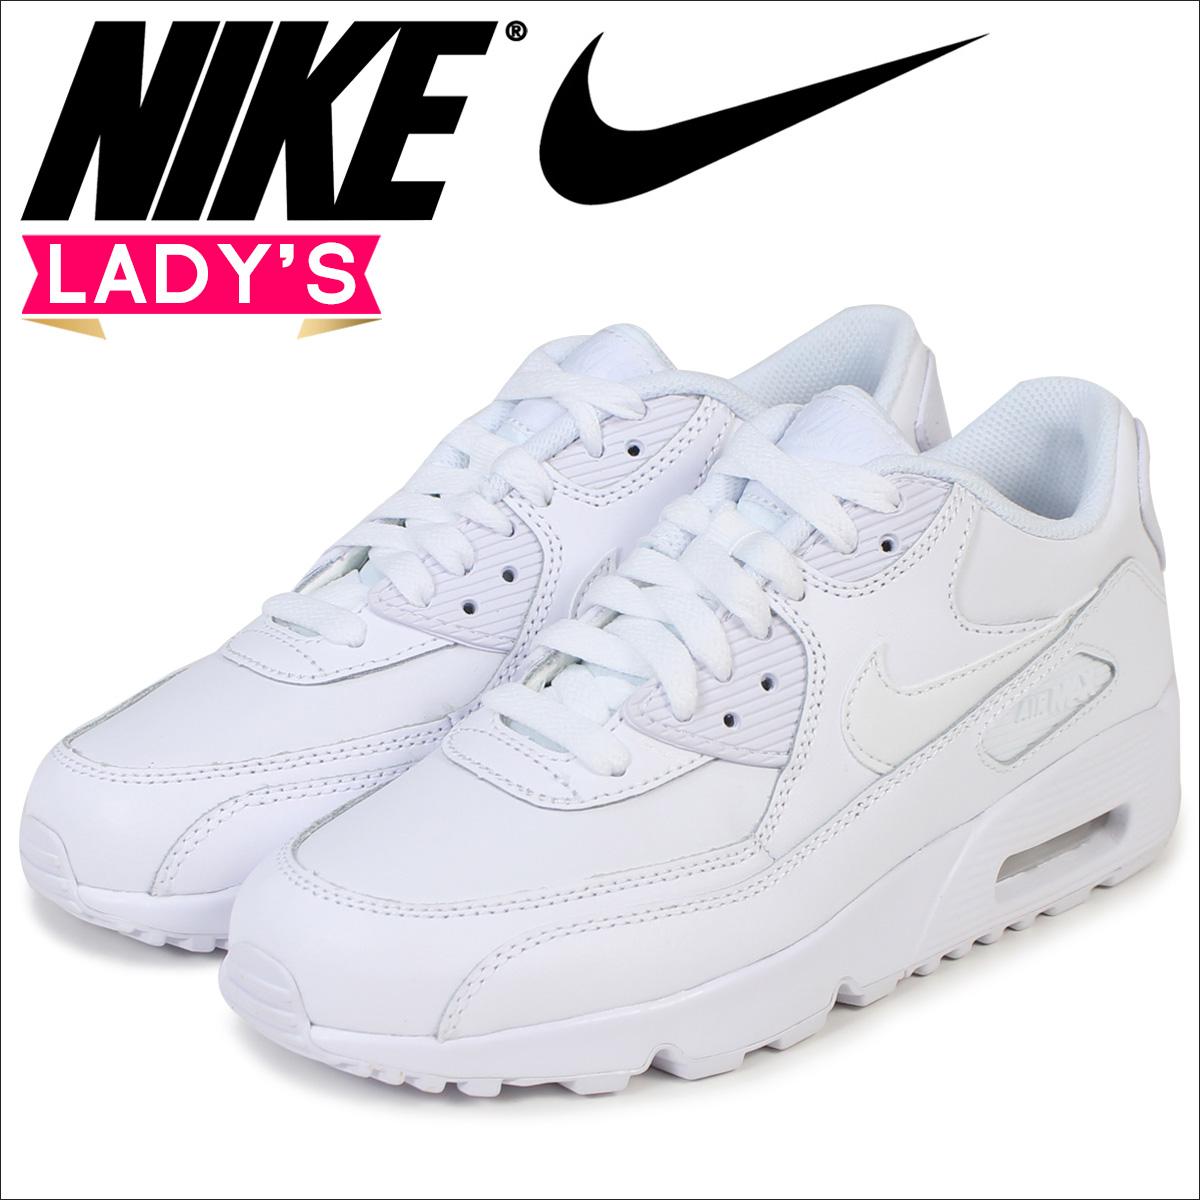 nike air max womens 90